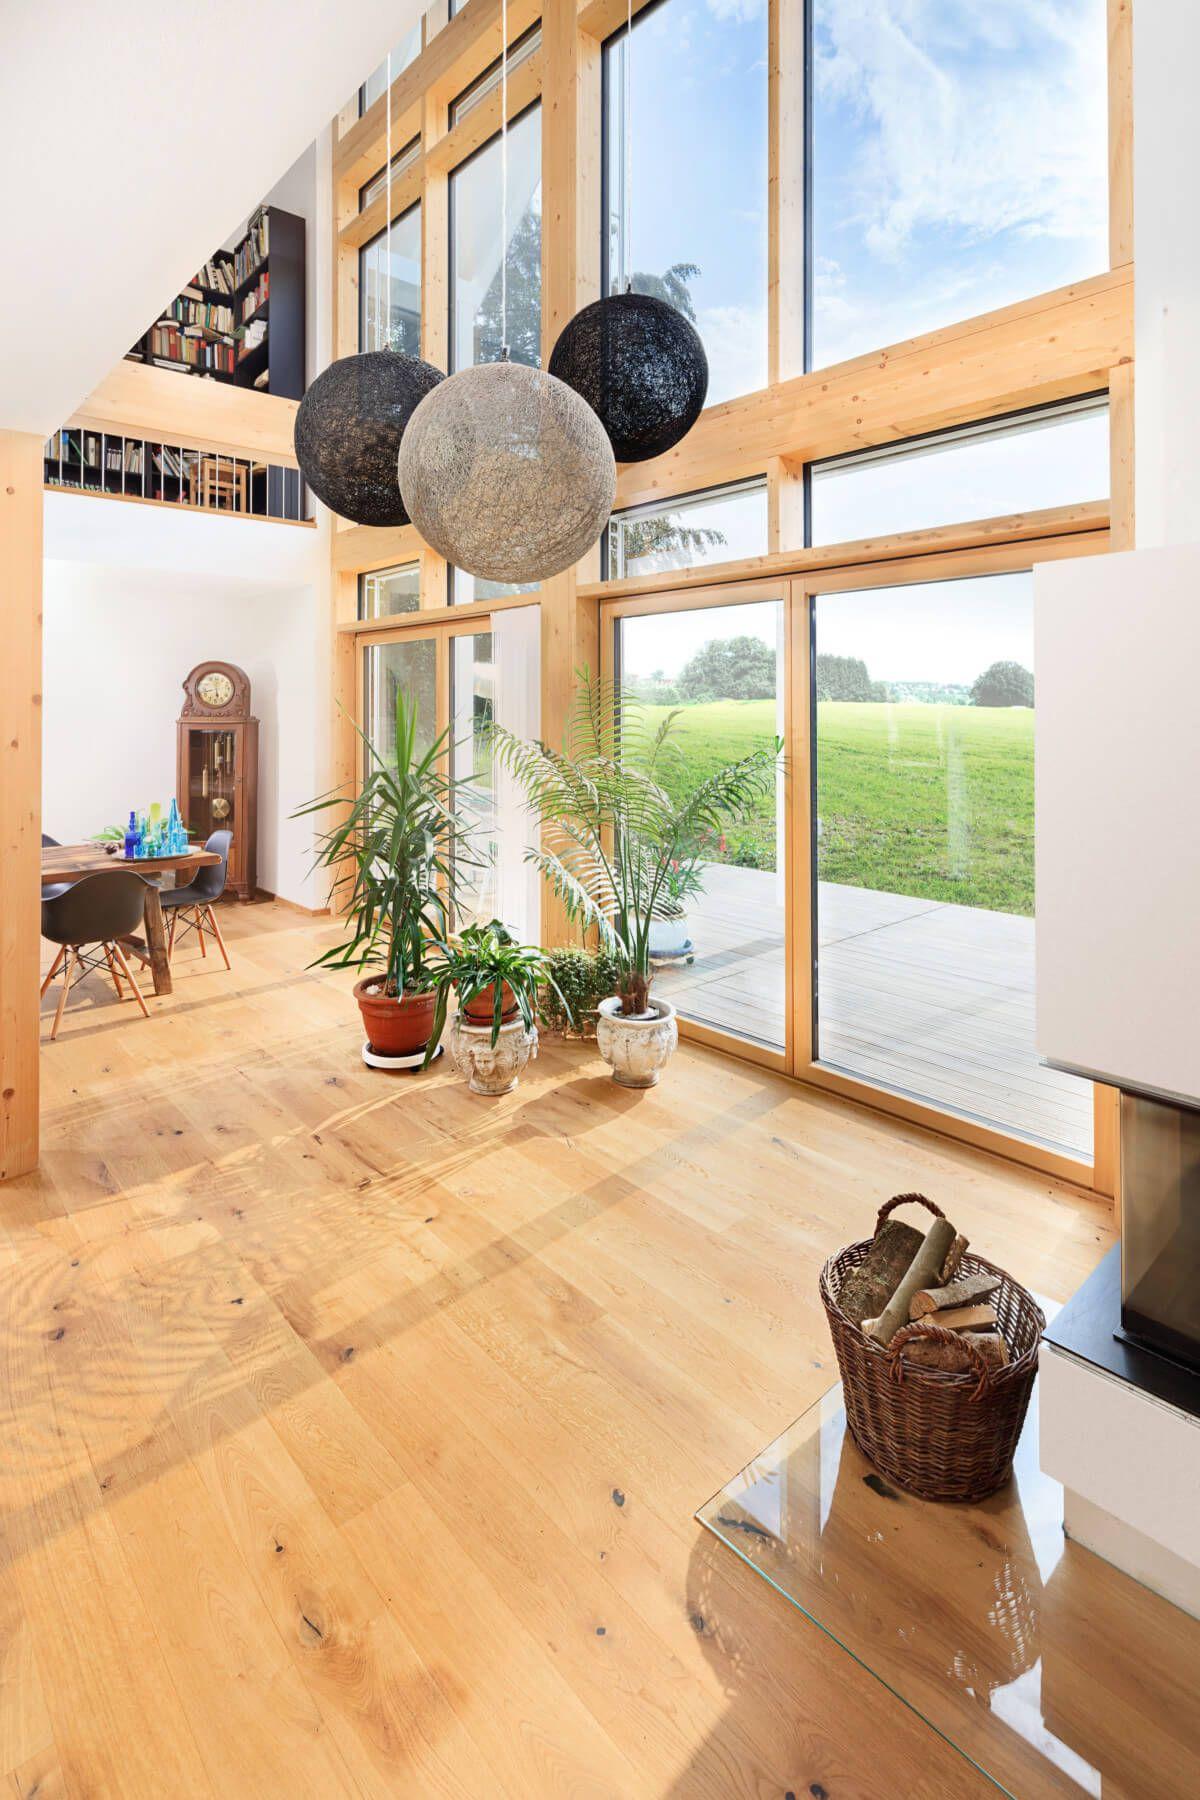 Wohnzimmer Mit Galerie Wohnideen Inneneinrichtung Einfamilienhaus